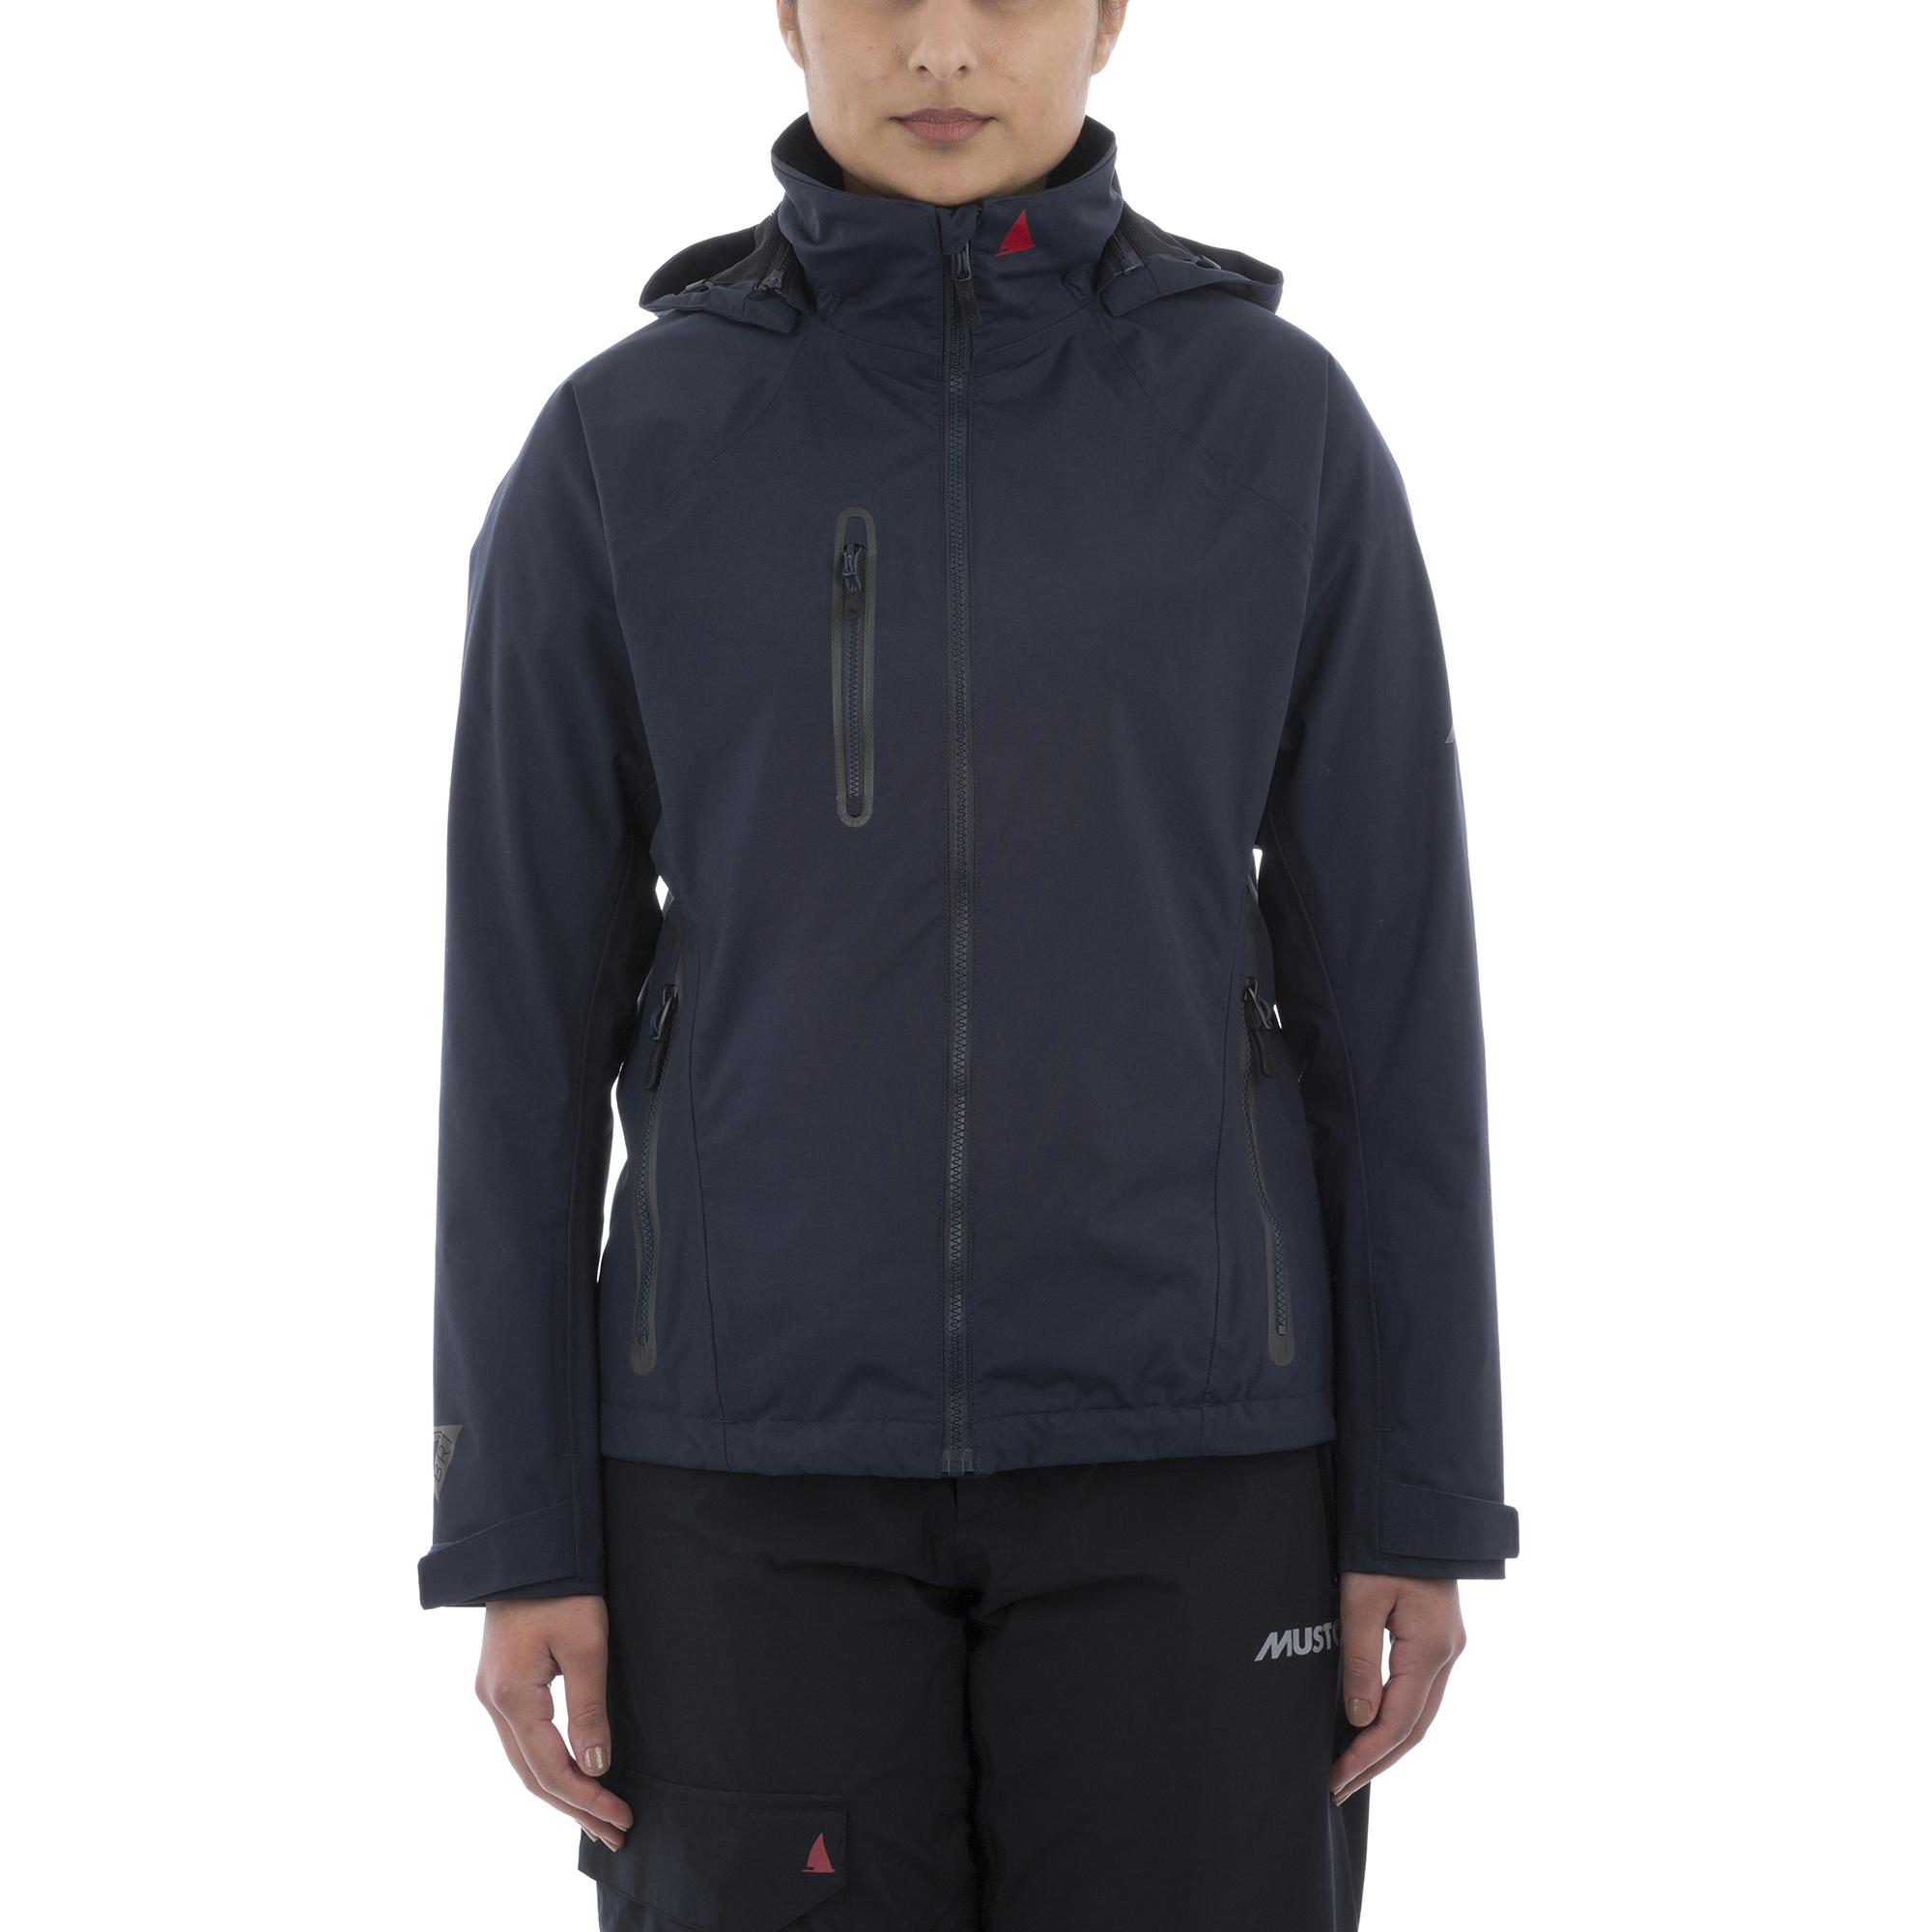 Musto Women's Sardinia BR1 Jacket (80906)